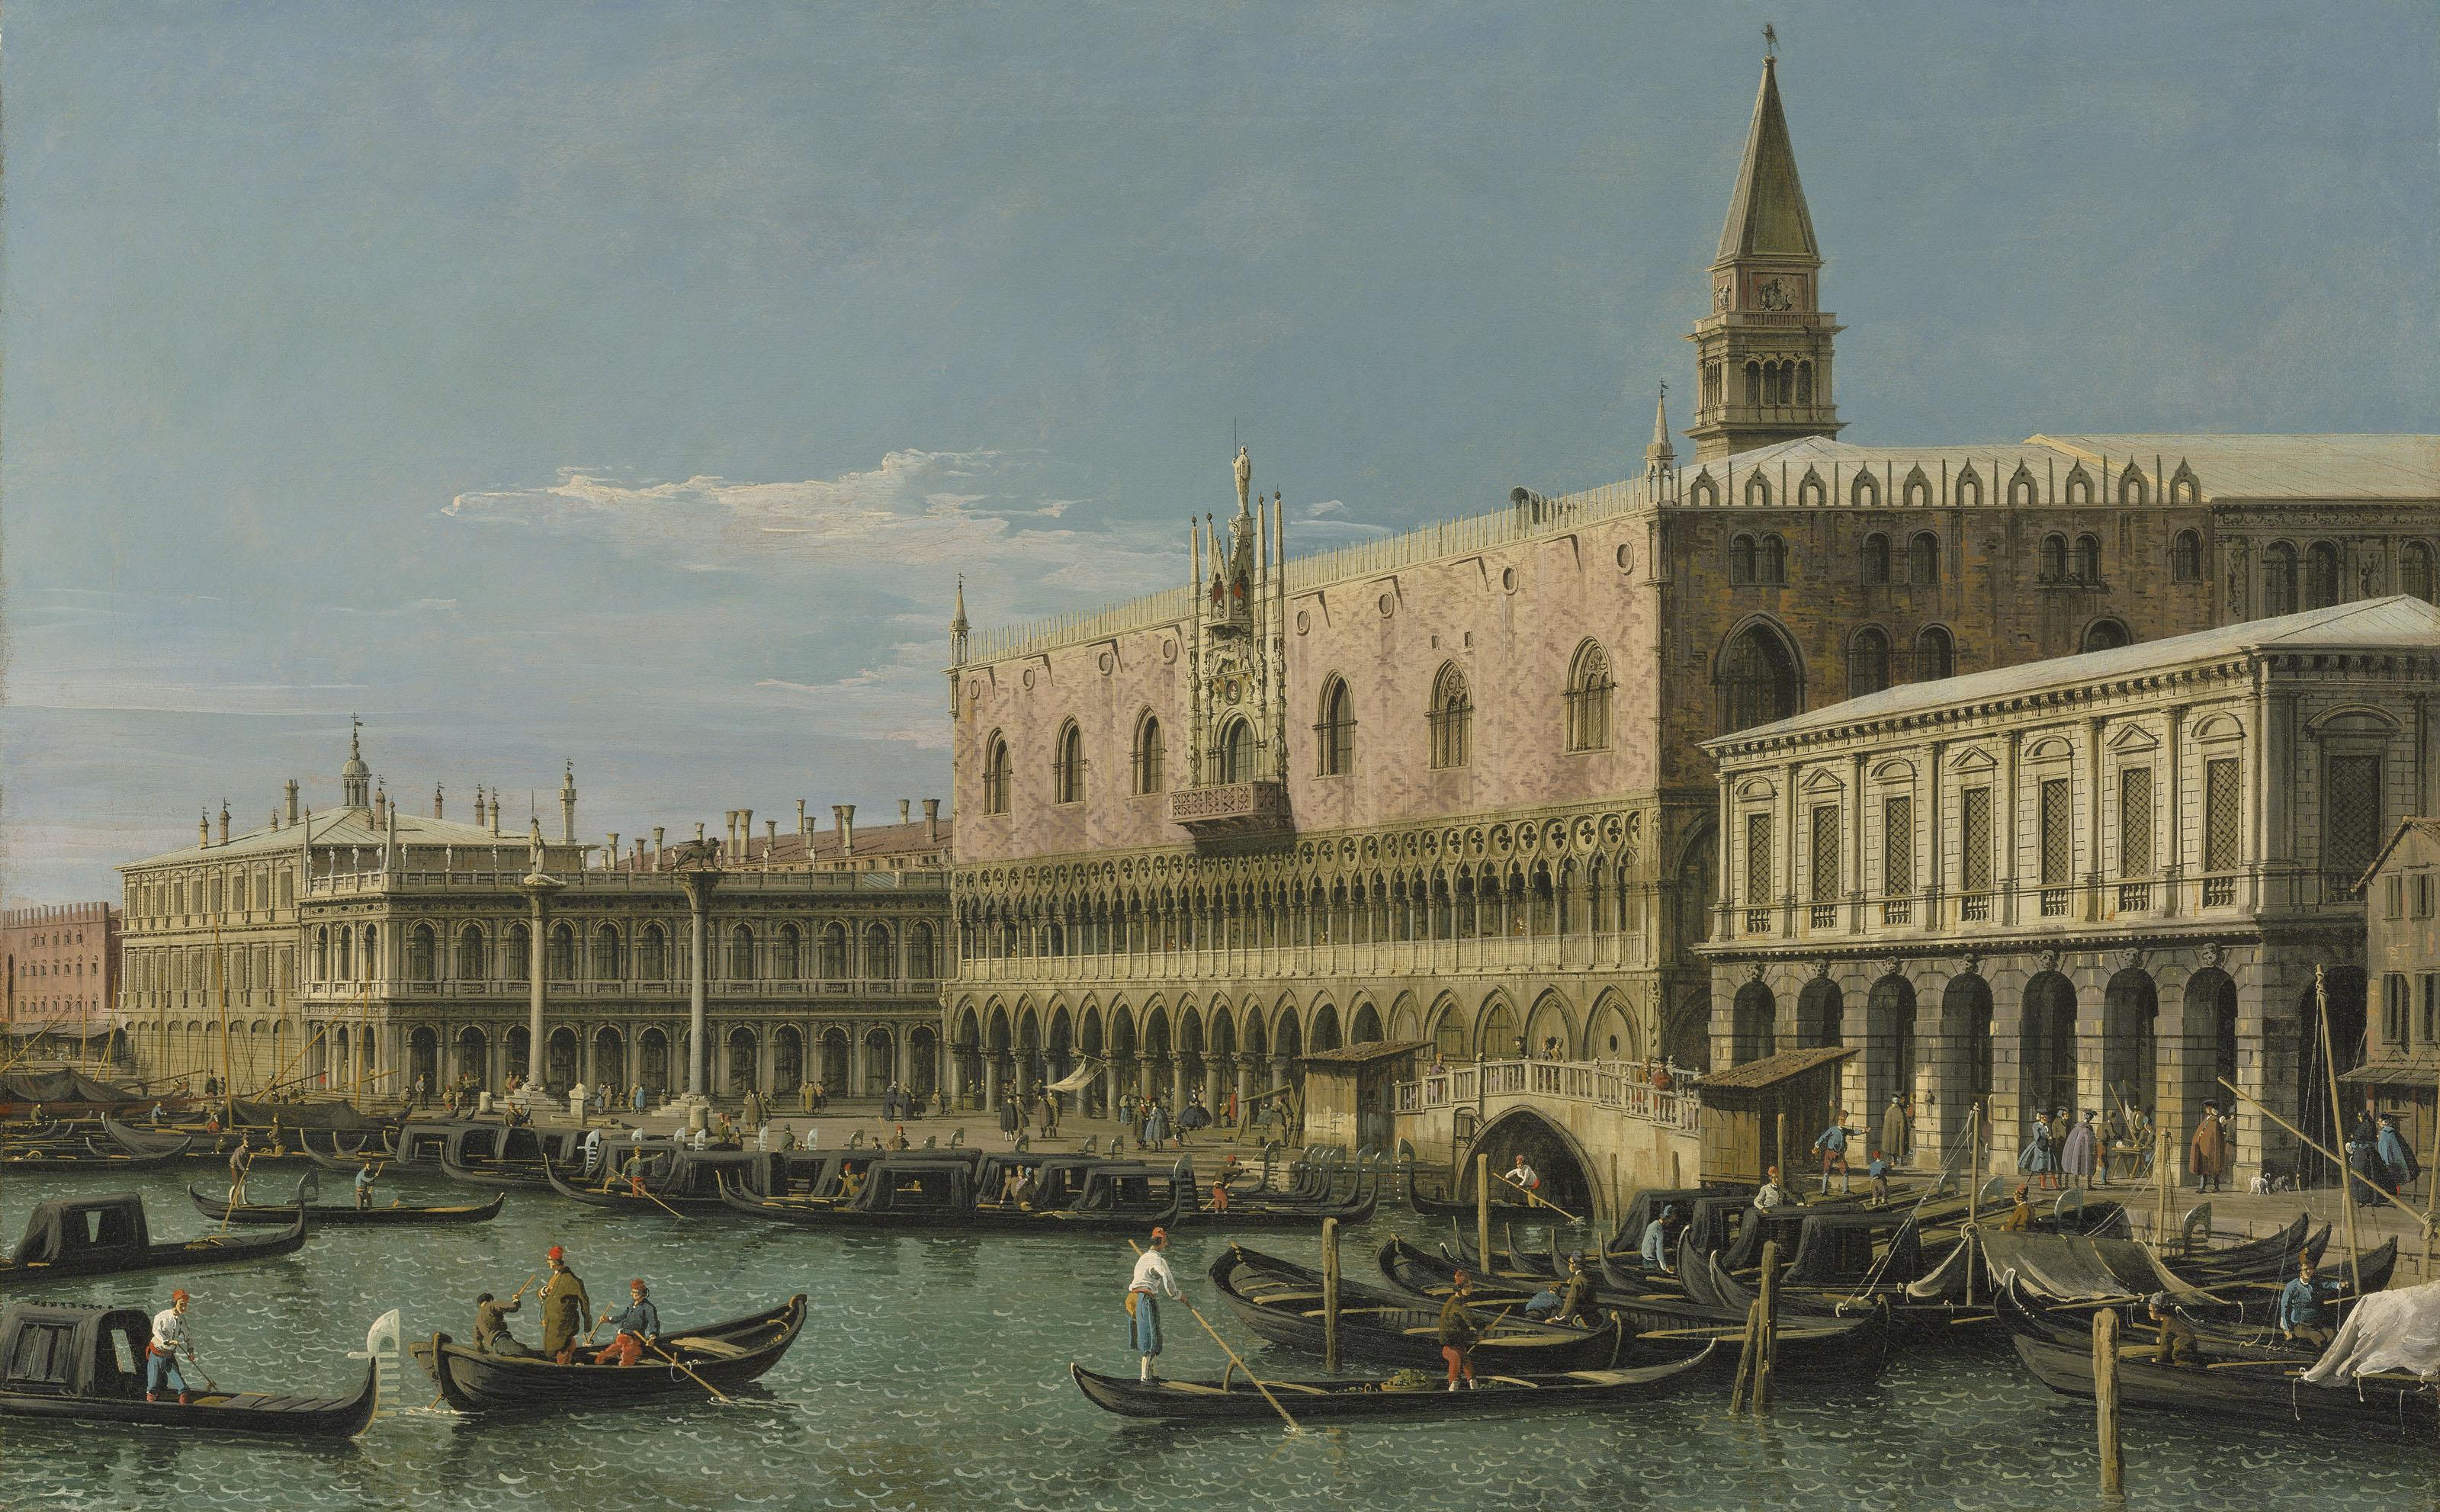 Venecia, el Molo, con el Palacio Ducal, la Piazzetta y la Librería, mirando al oeste.